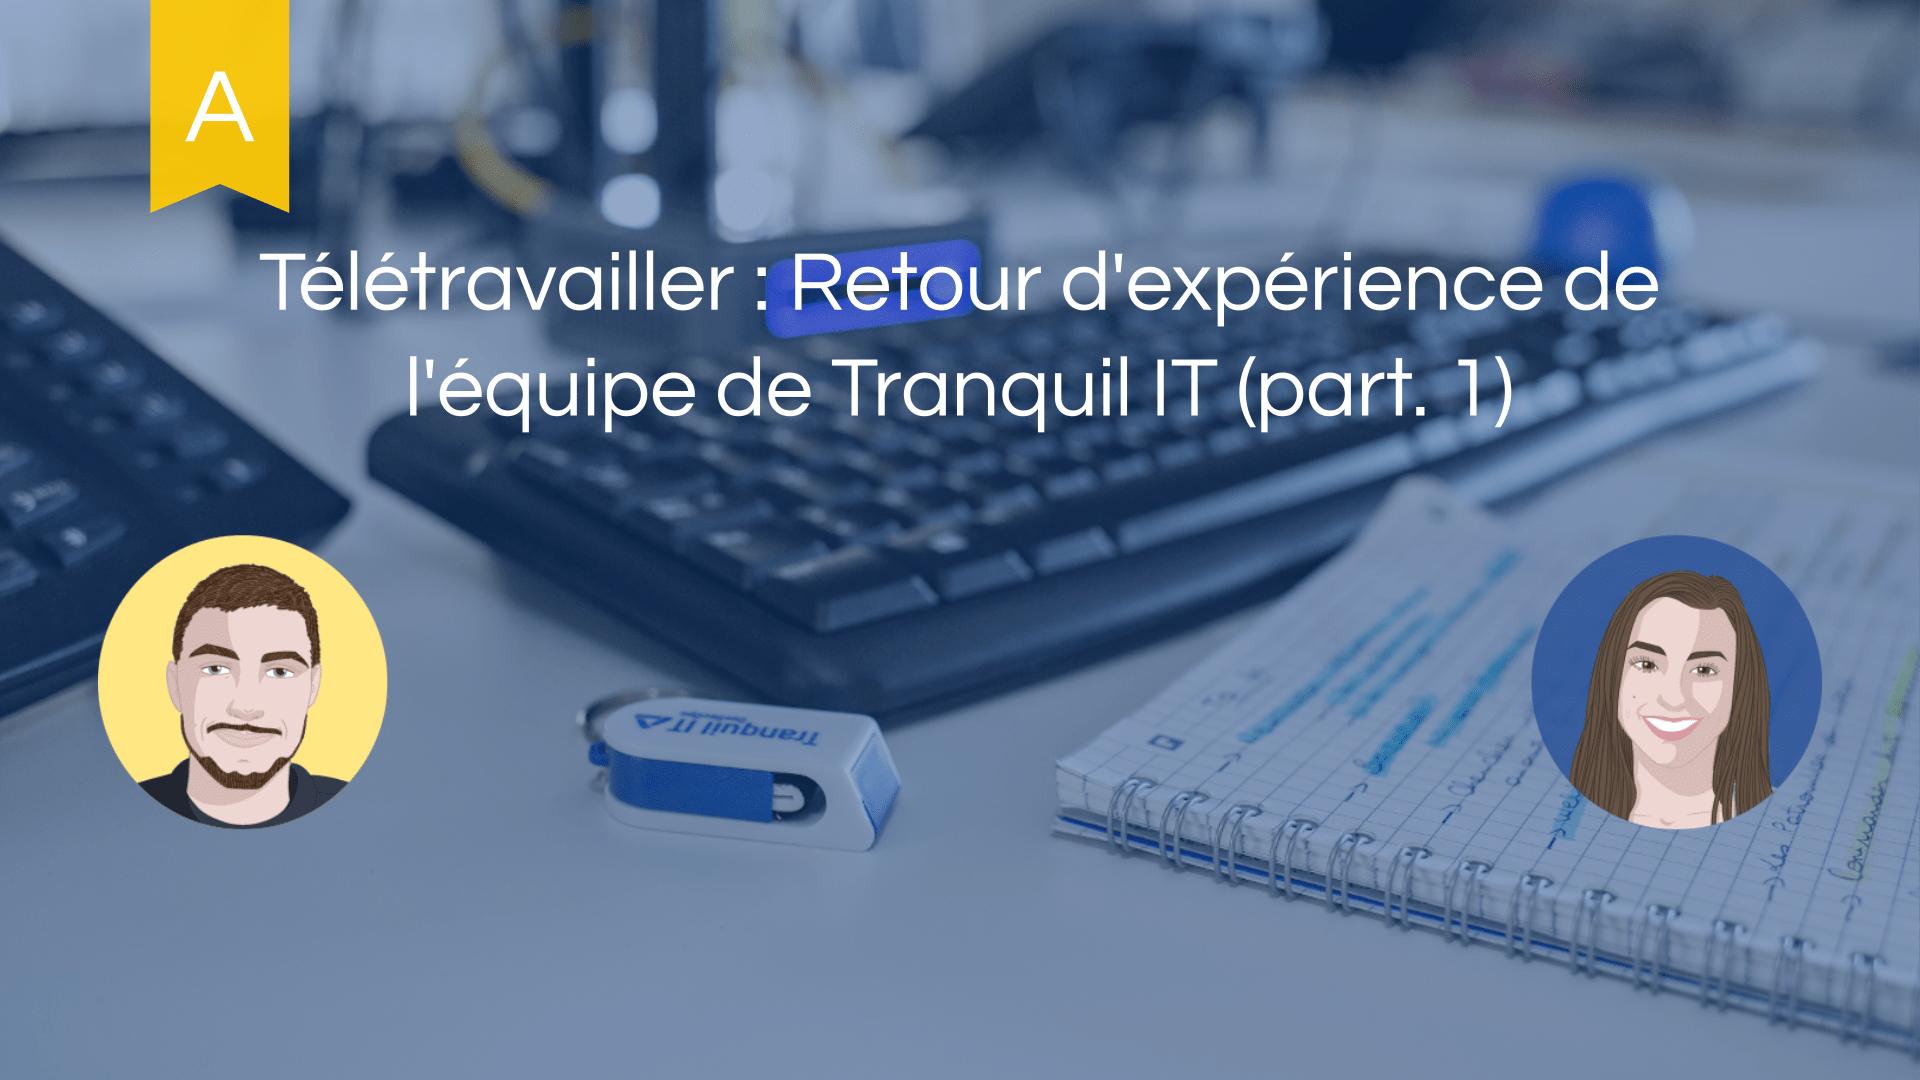 Télétravailler : Retour d'expérience de l'équipe de Tranquil IT (part. 1)